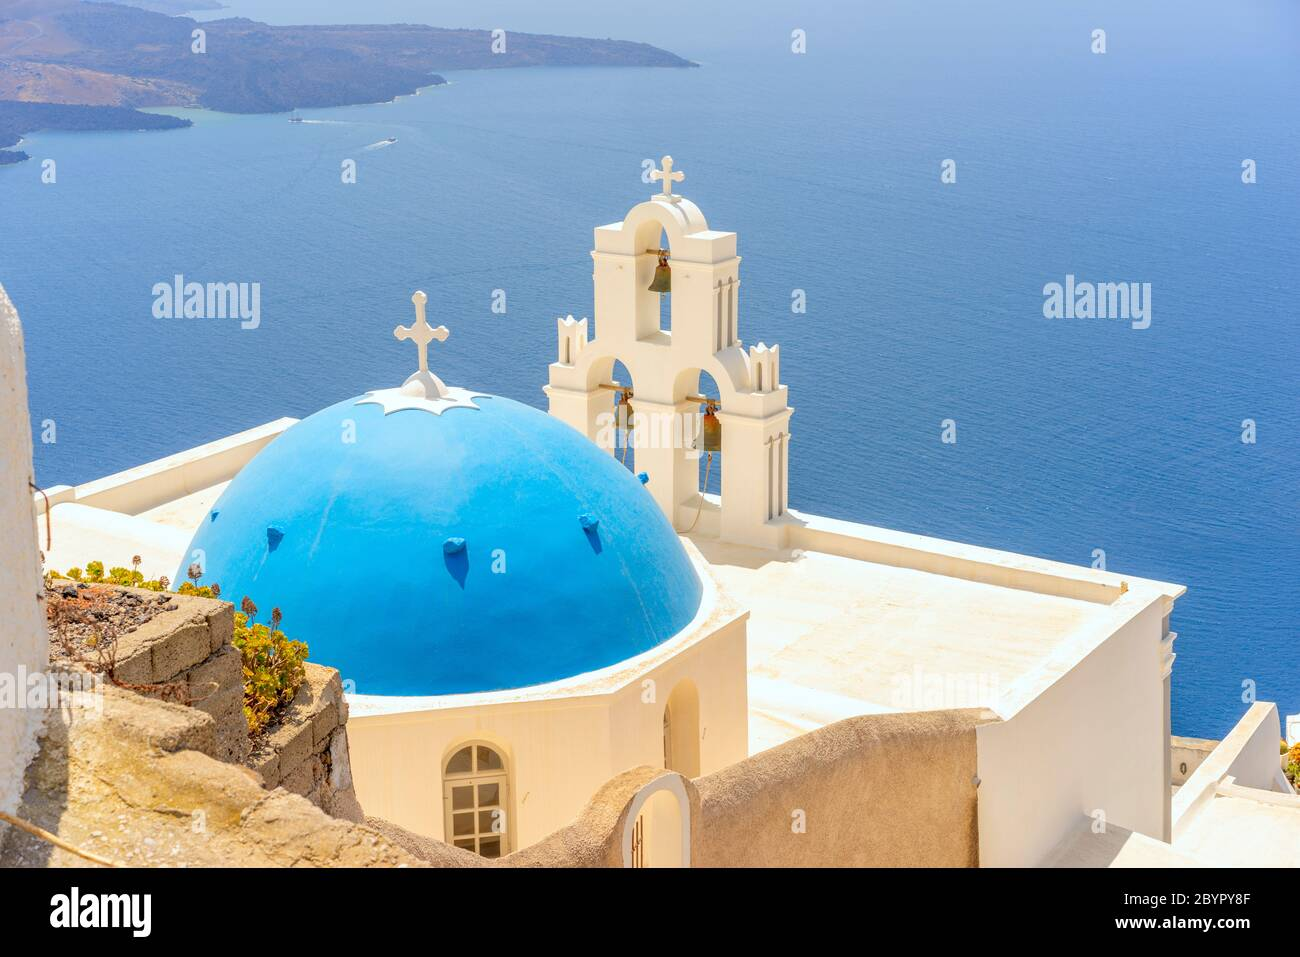 L'église catholique Marie en dôme bleu et les trois cloches de Fira sur l'île grecque de Santorin, surplombant la caldeira et la mer Égée Banque D'Images